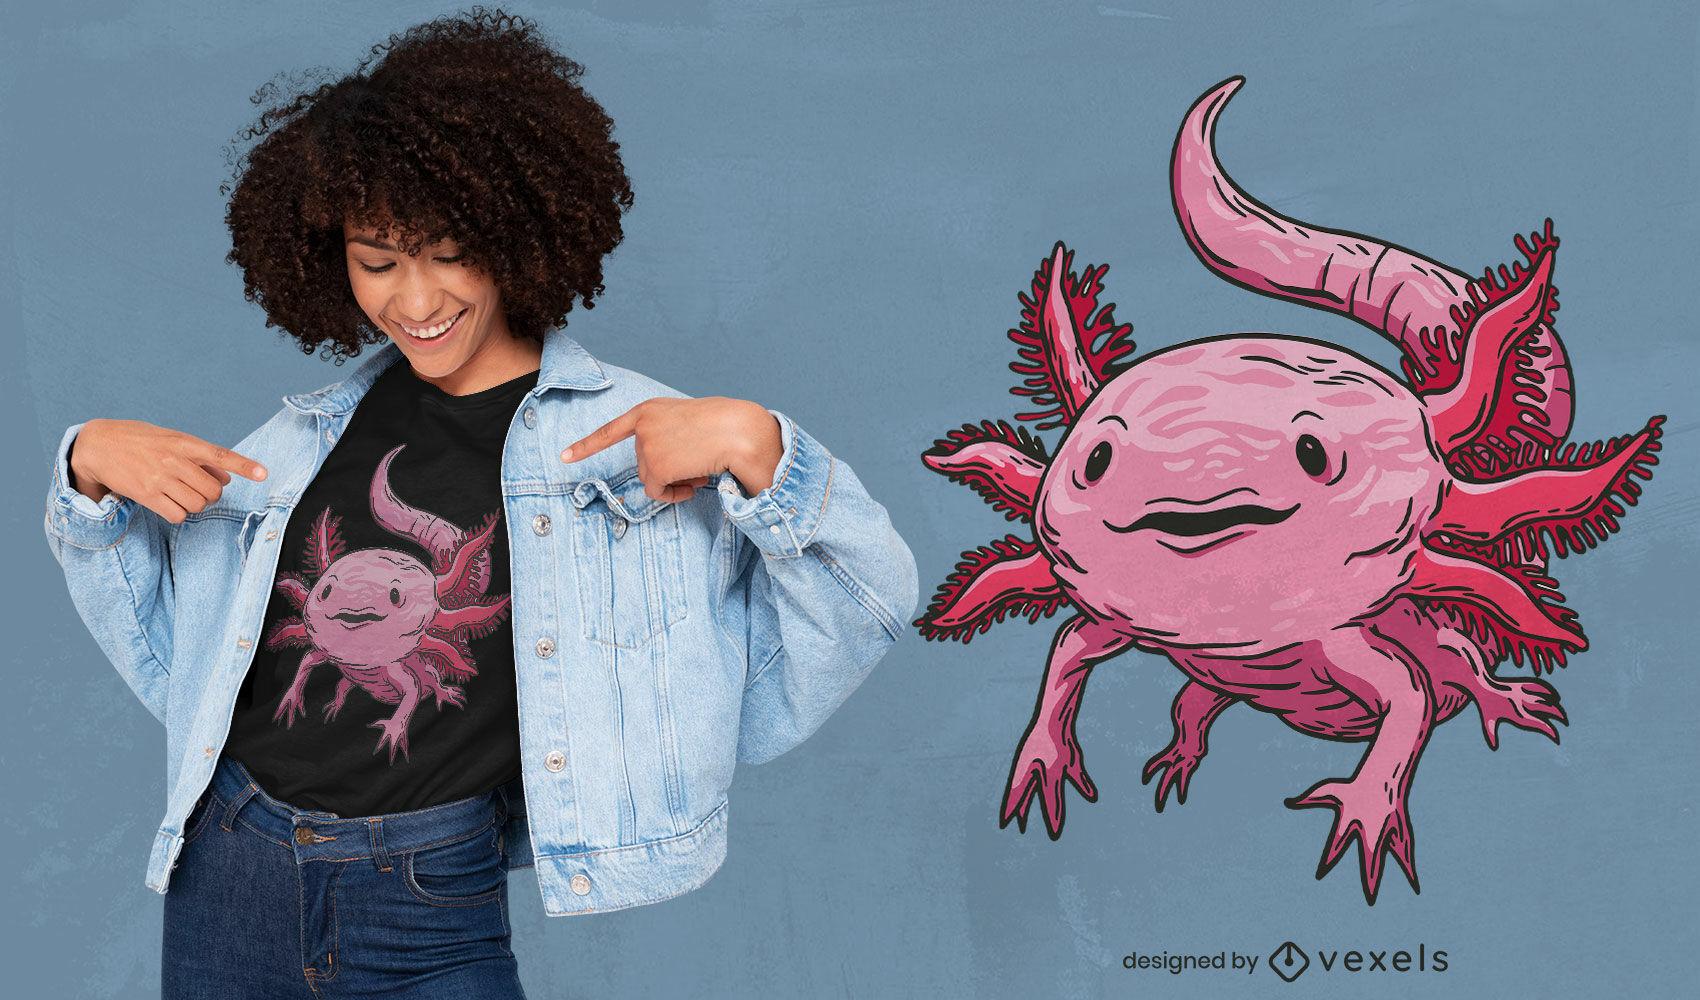 Realistic pink axolotl t-shirt design